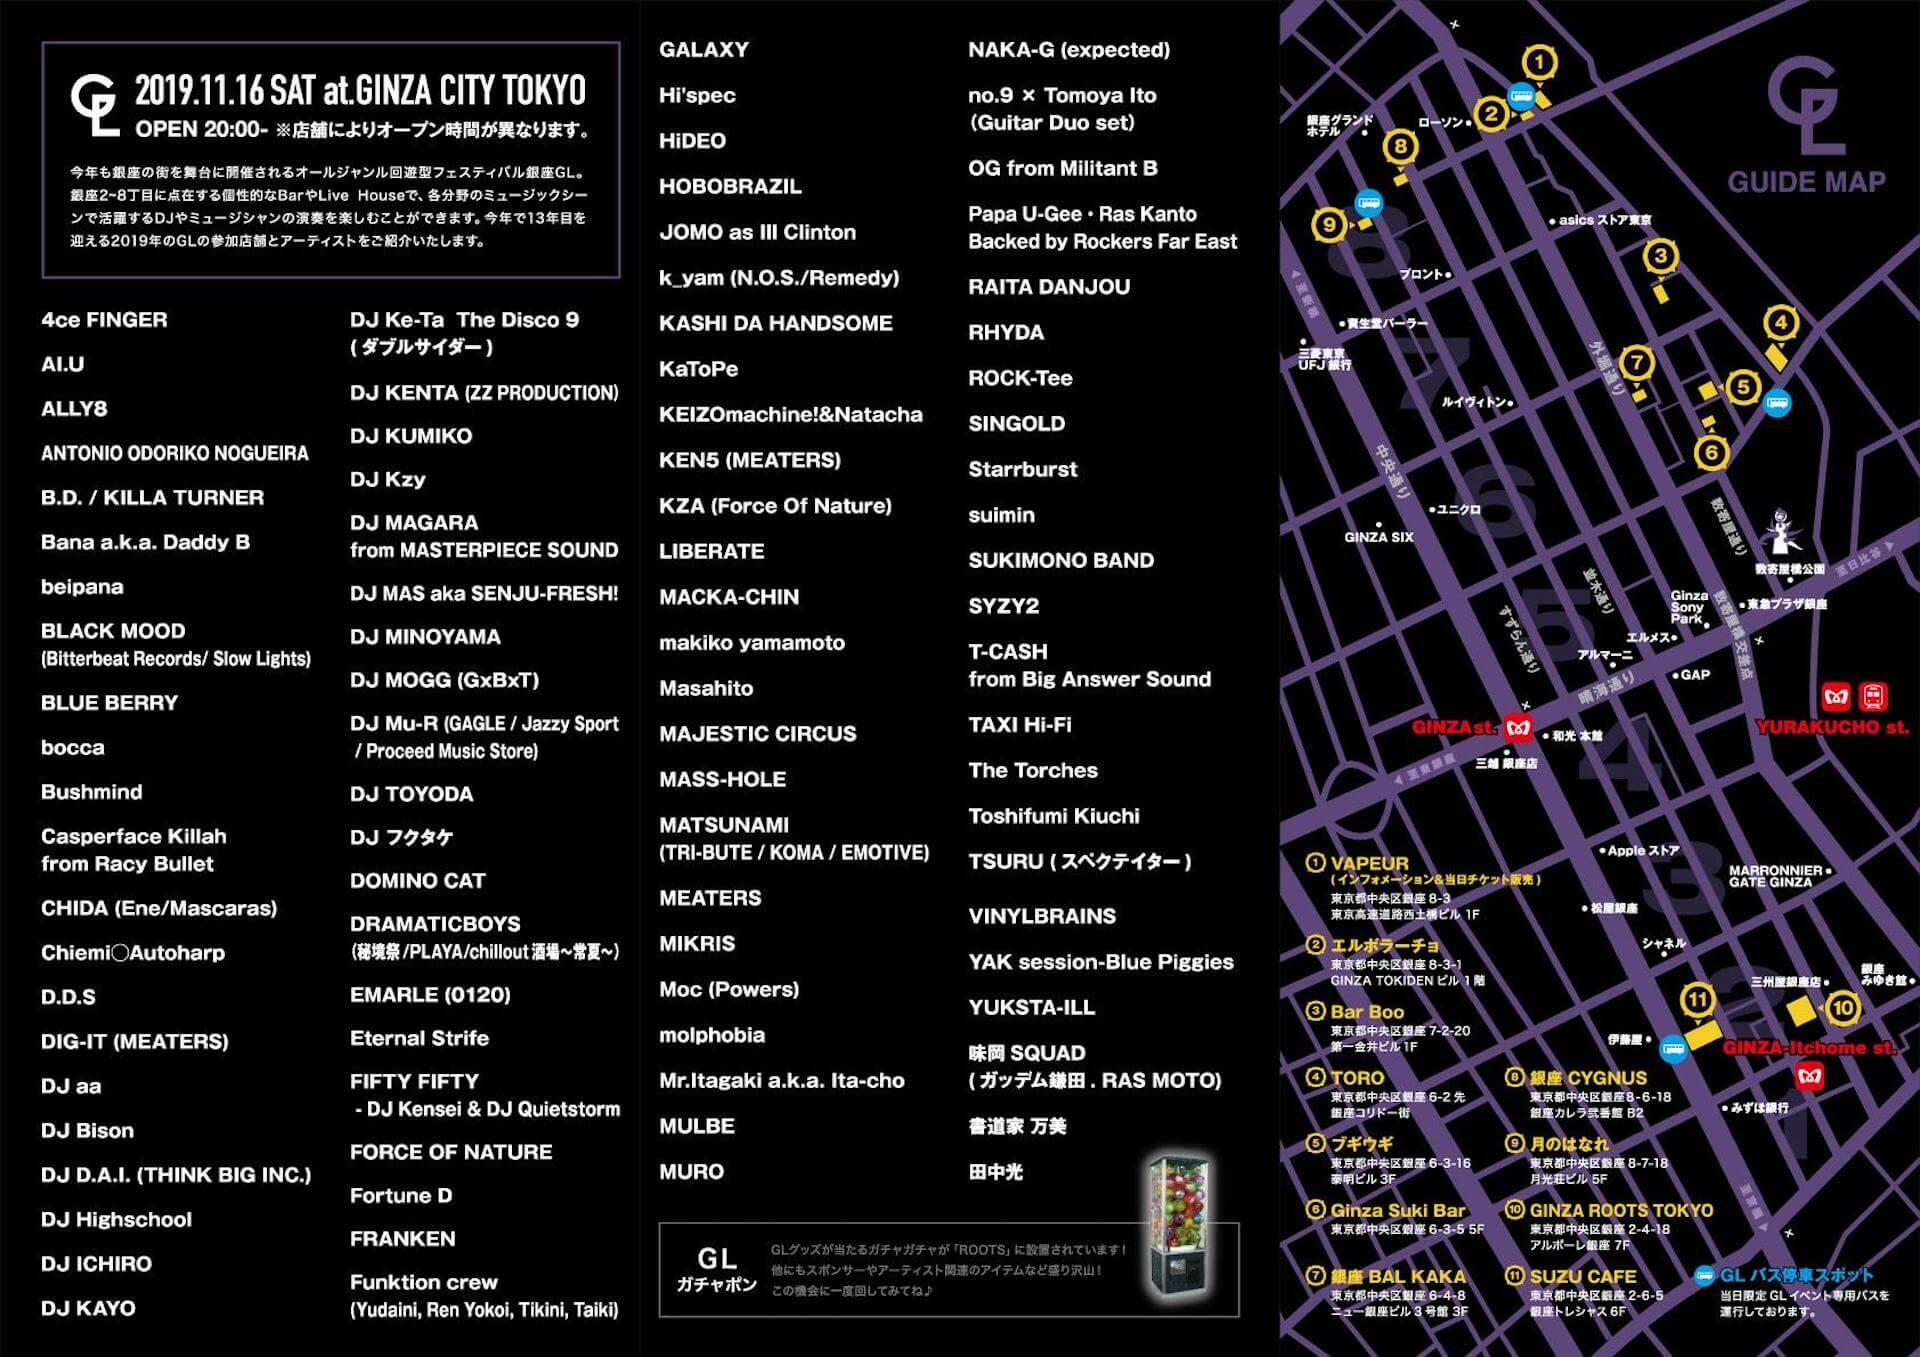 銀座のストリートフェス<GL>が今年も開催|B.D.、Bushmind、DJ Highschool、Hi'Spec、MURO、OG from Militant B、suimin、YUKSTA-ILLらが登場 music191106-gl840-1